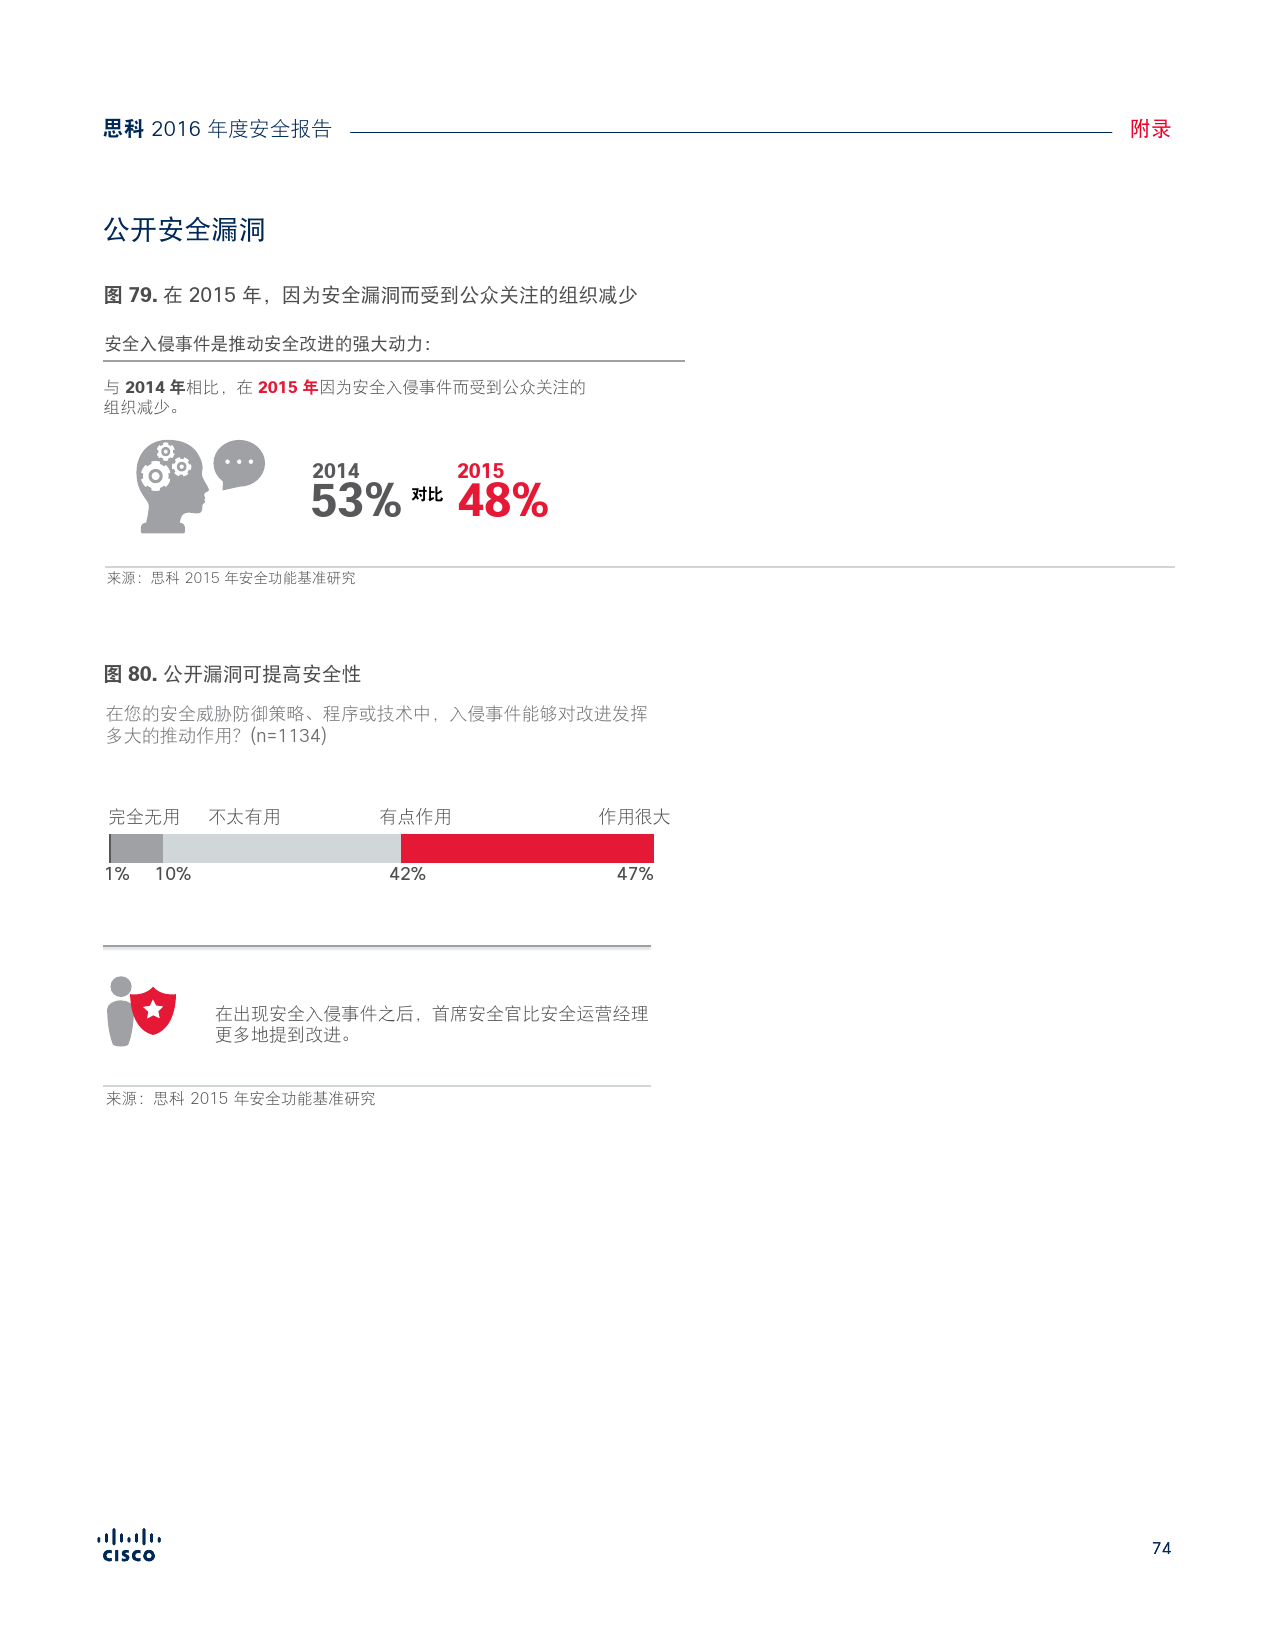 2016年中网络安全报告_000074